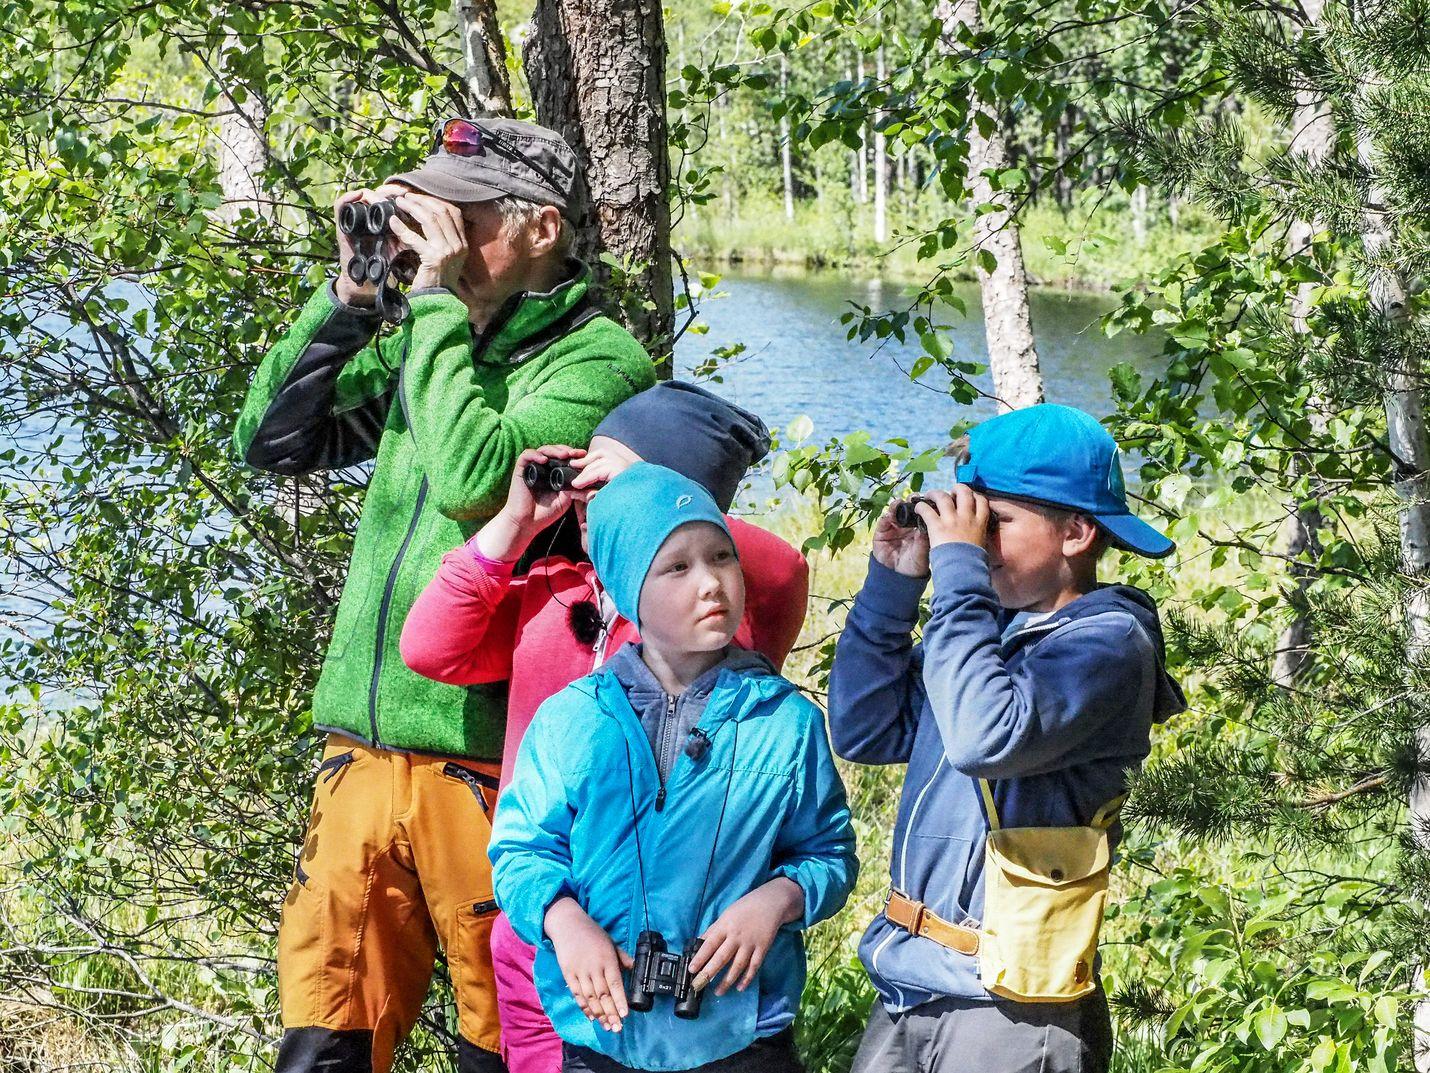 Pirkka-Pekka Petelius, Oskari Järvelä, Mea Packalén ja Nuppu Tammi kiikaroivat lintuja. He näkevät järvellä muun muassa naurulokkeja.